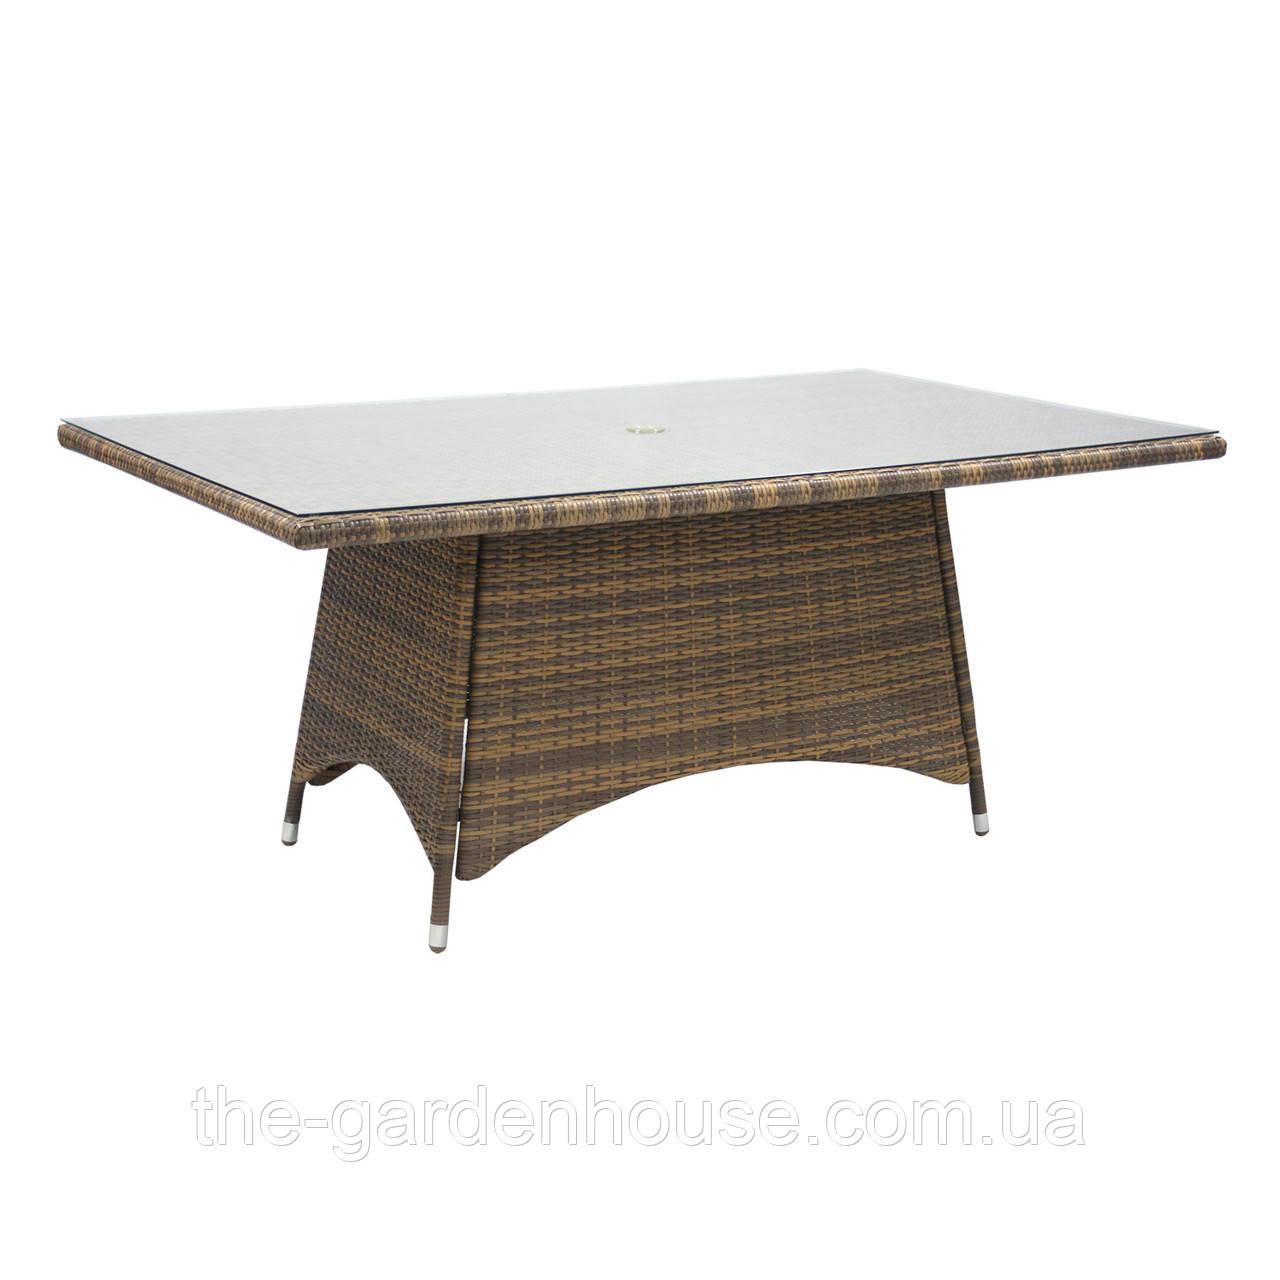 Обеденный стол из искусственного ротанга Викер 170х100 см капучино